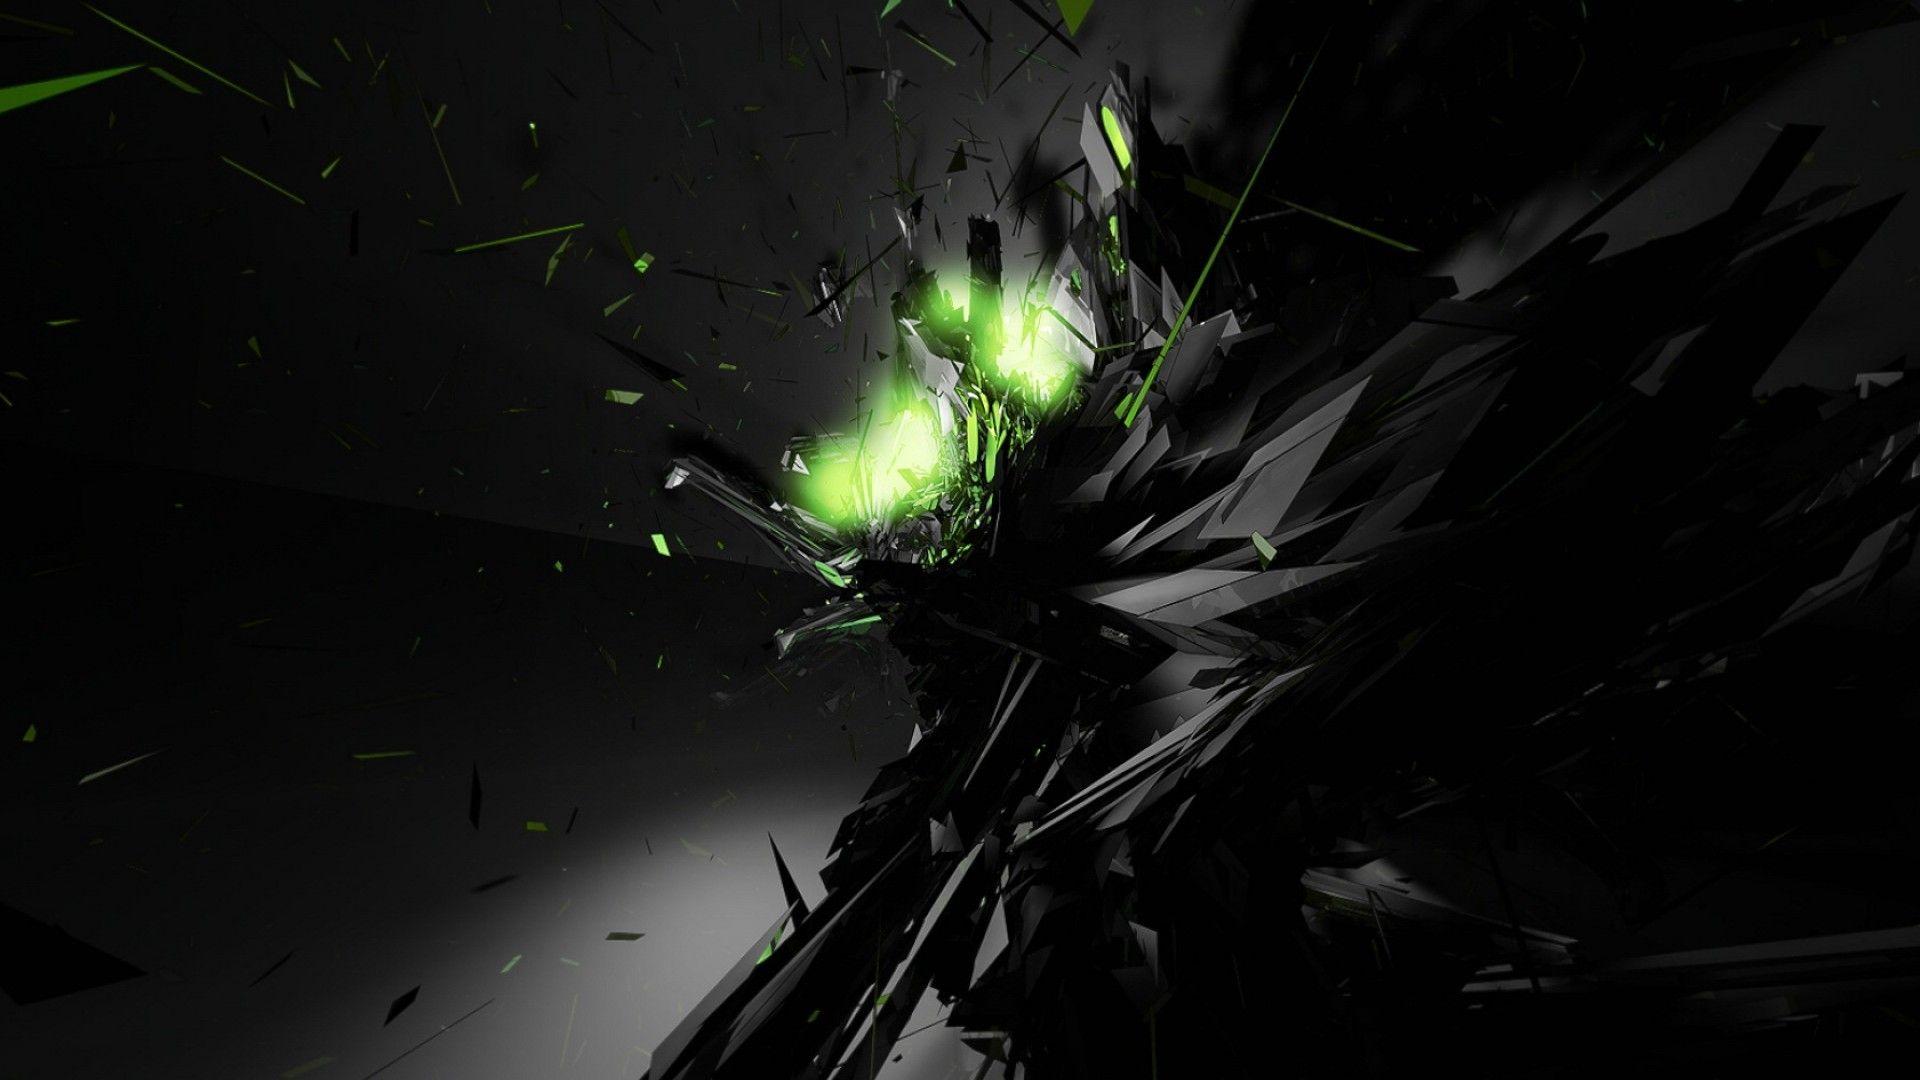 Res 1920x1080 Black Abstract Green Glow Desktop Wallpaper In 2020 Dark Black Wallpaper Abstract Wallpaper Cool Desktop Wallpapers